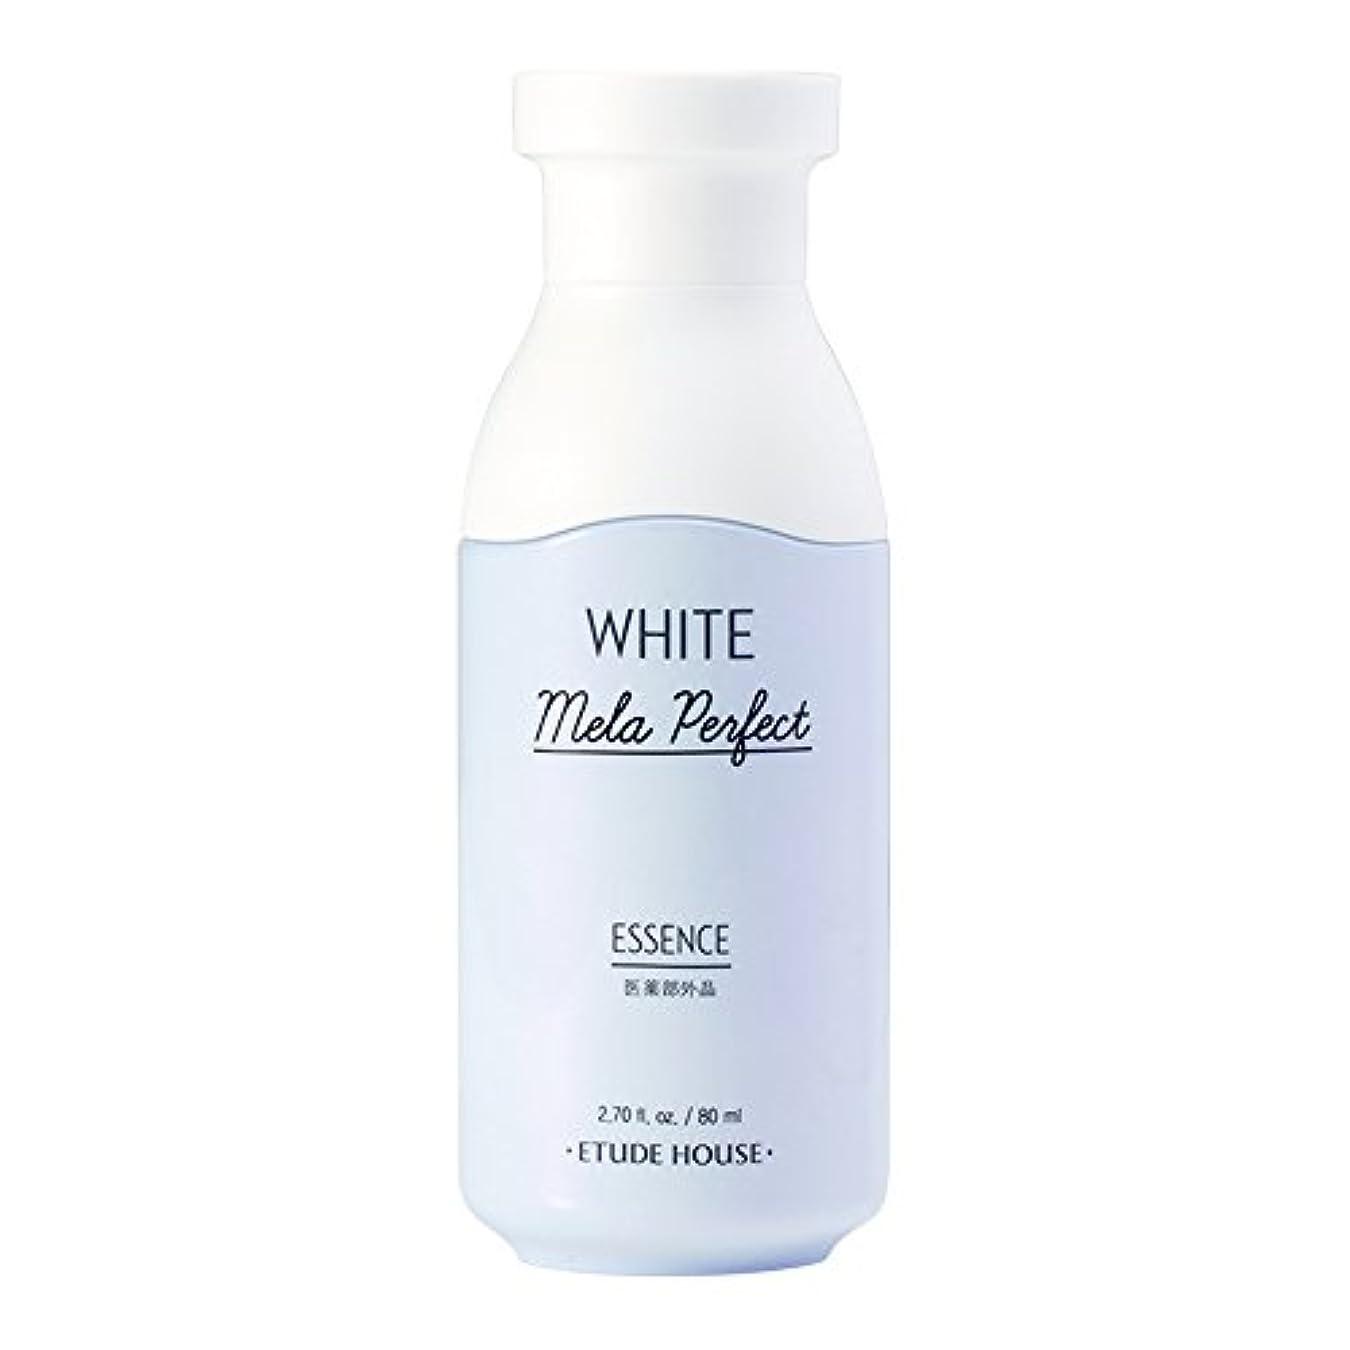 楽しむテンポチューブエチュードハウス(ETUDE HOUSE) ホワイトメラパーフェクト エッセンス [美容液、美白エッセンス]